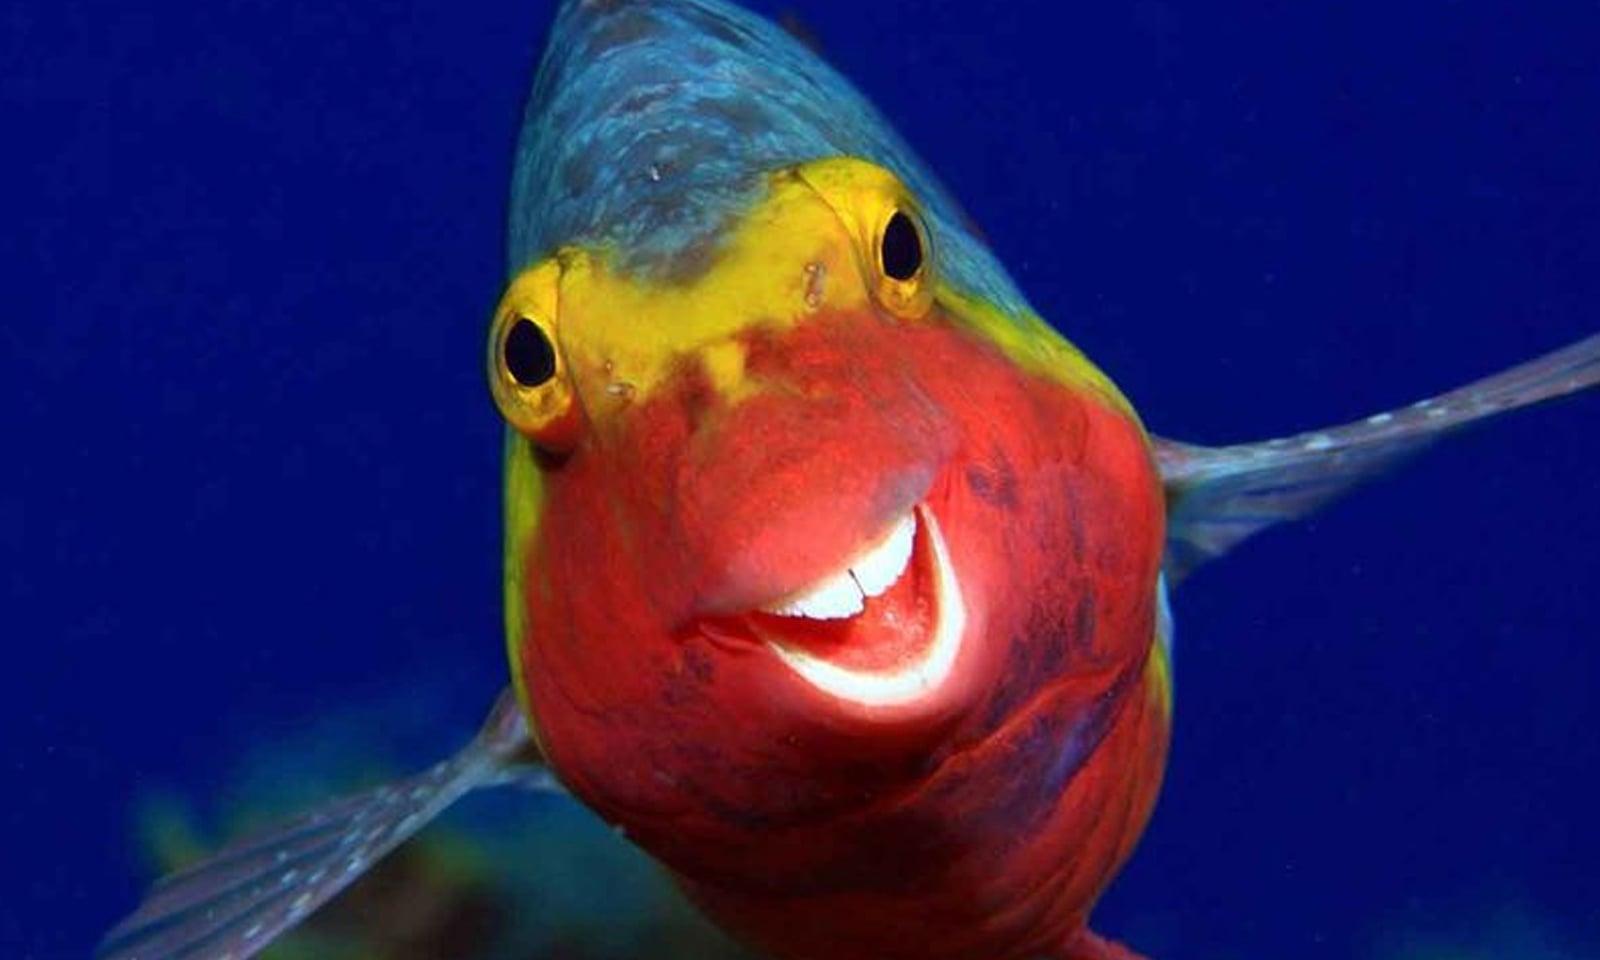 کنیری جزیرے میں ایک مچھلی مسکرارہی ہے—فوٹو:آرتھر ٹیلی تھیمن/کامیڈی وائلڈ لائف فوٹوگرافی